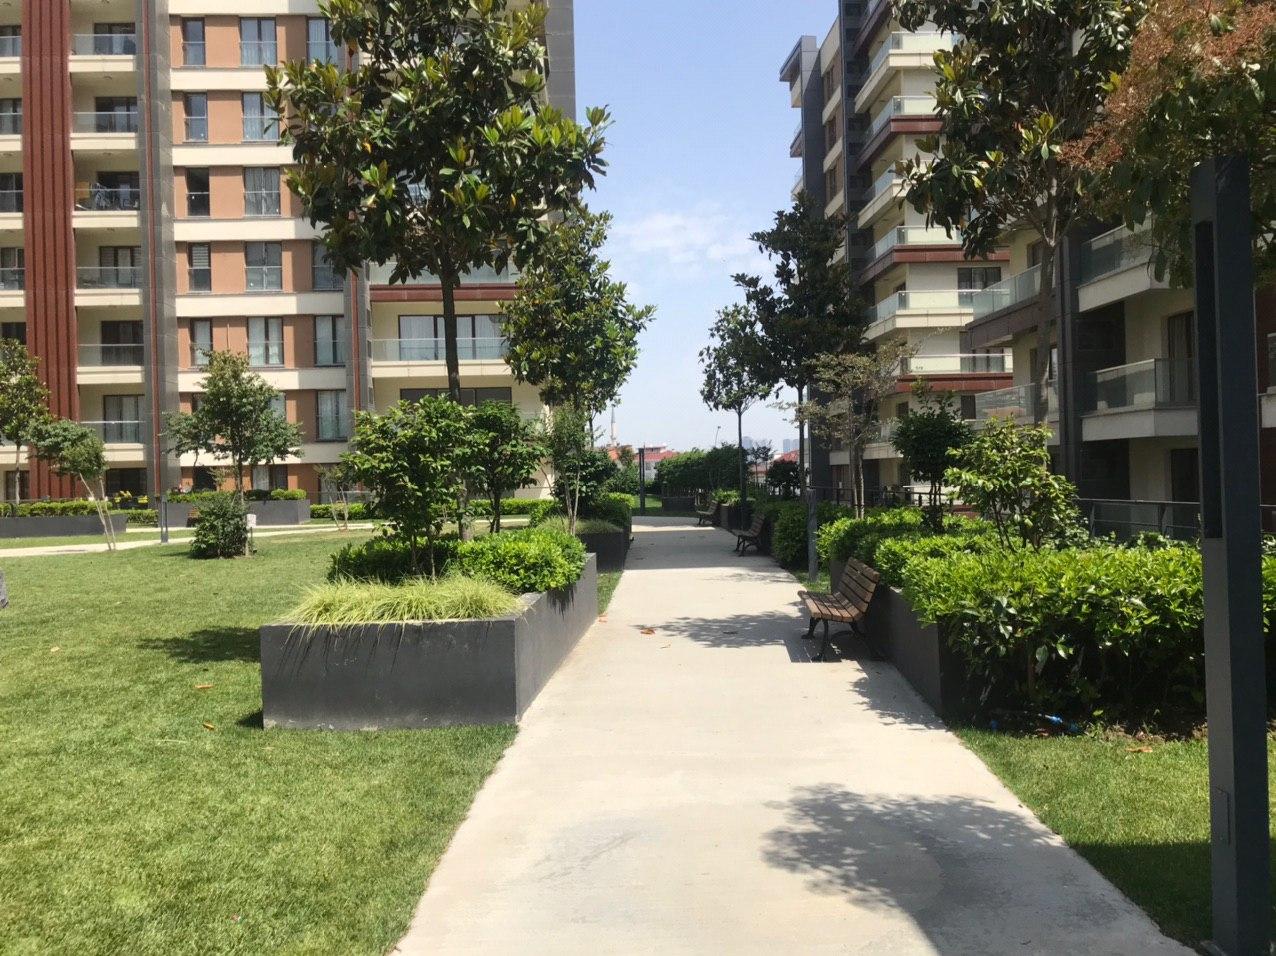 Апартаменты в жилом комплексе Стамбула - Фото 17